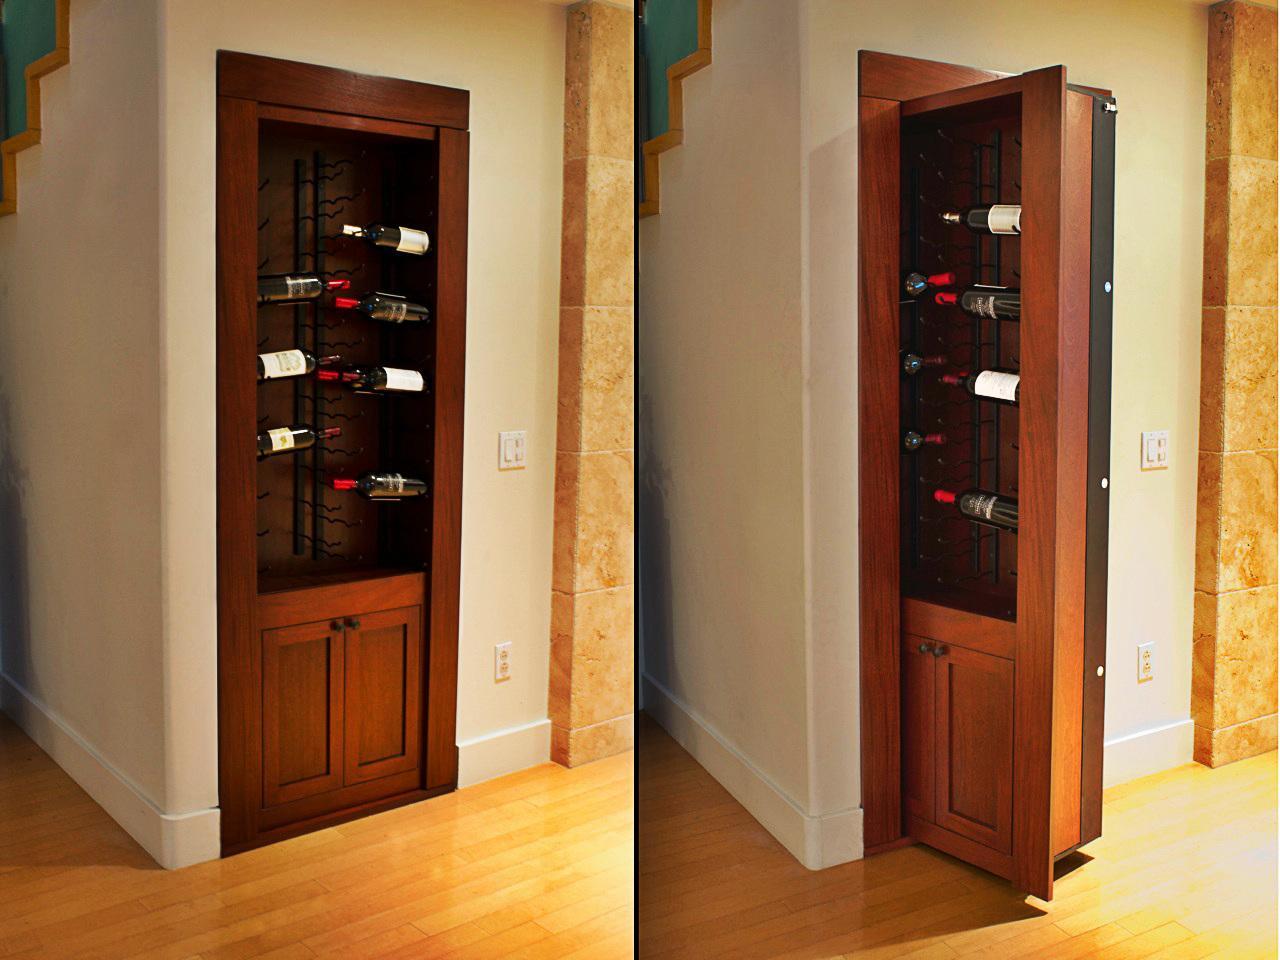 #58 \u2013 Wine Rack Door & Hidden Passageway | Billiard Cue Rack | Creative Home Engineering